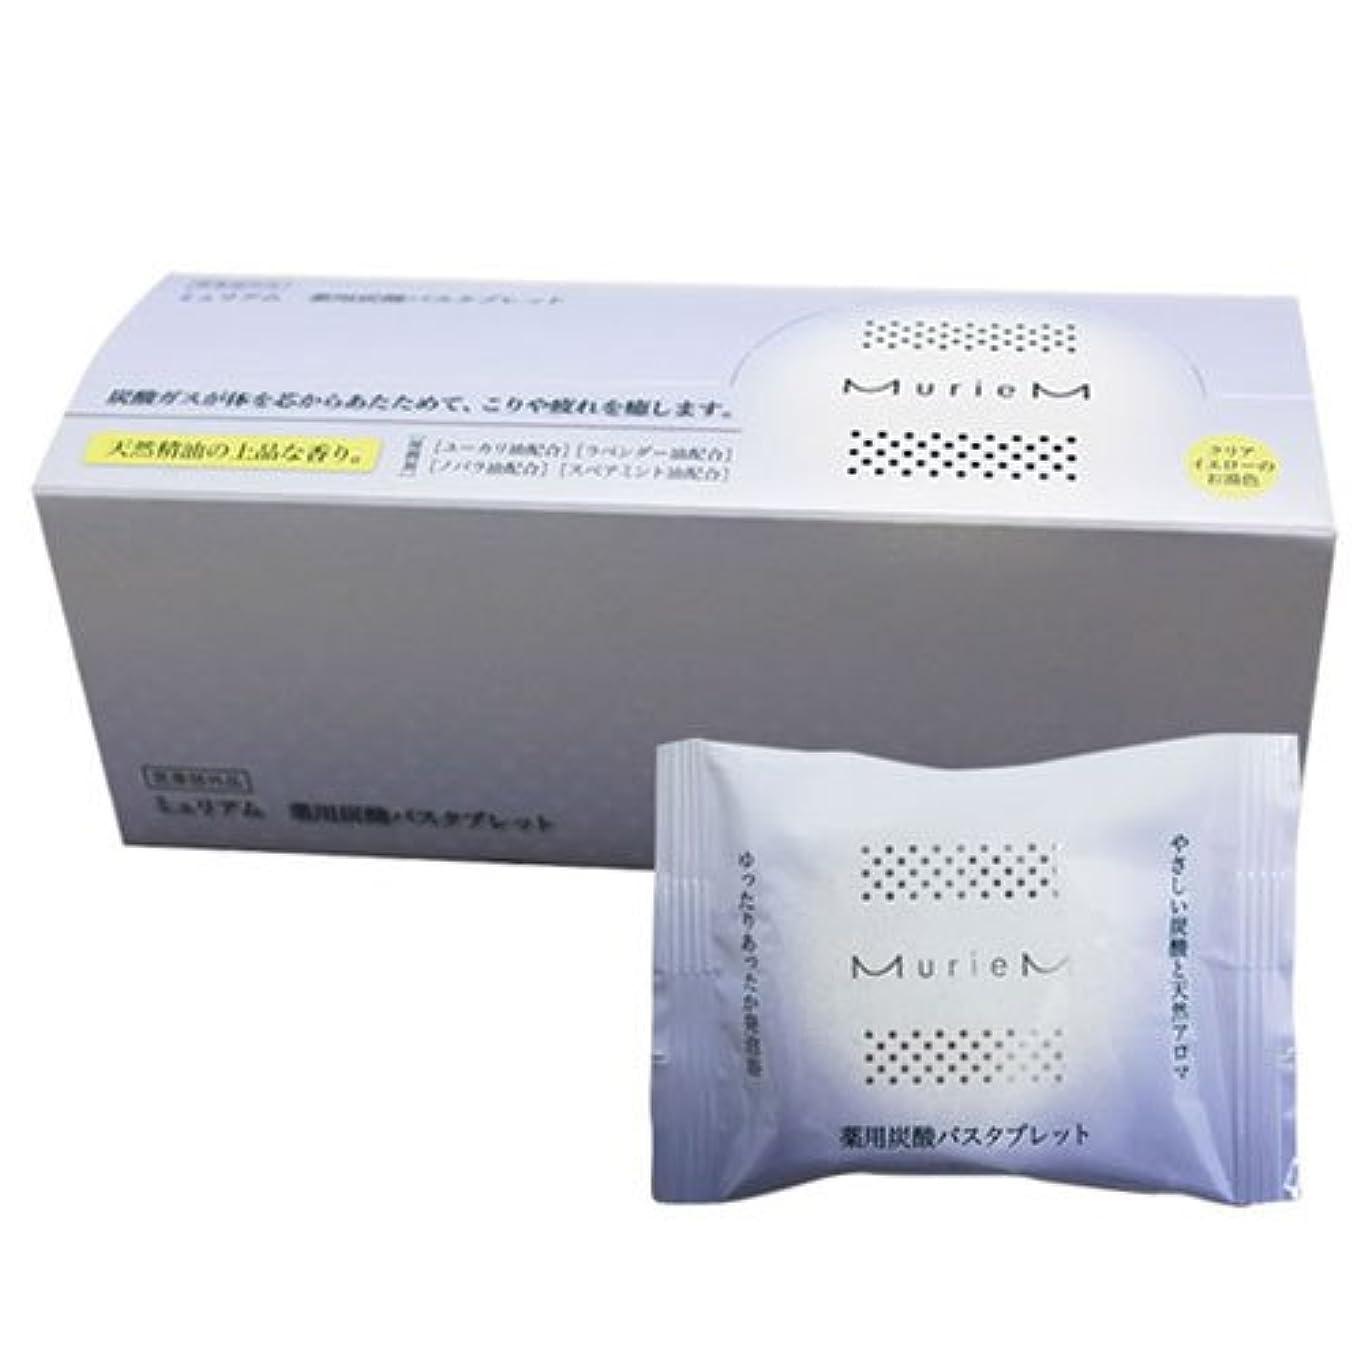 経済うまくやる()理容師ナンバースリー ミュリアム 薬用炭酸バスタブレット 30g×10包 [医薬部外品]